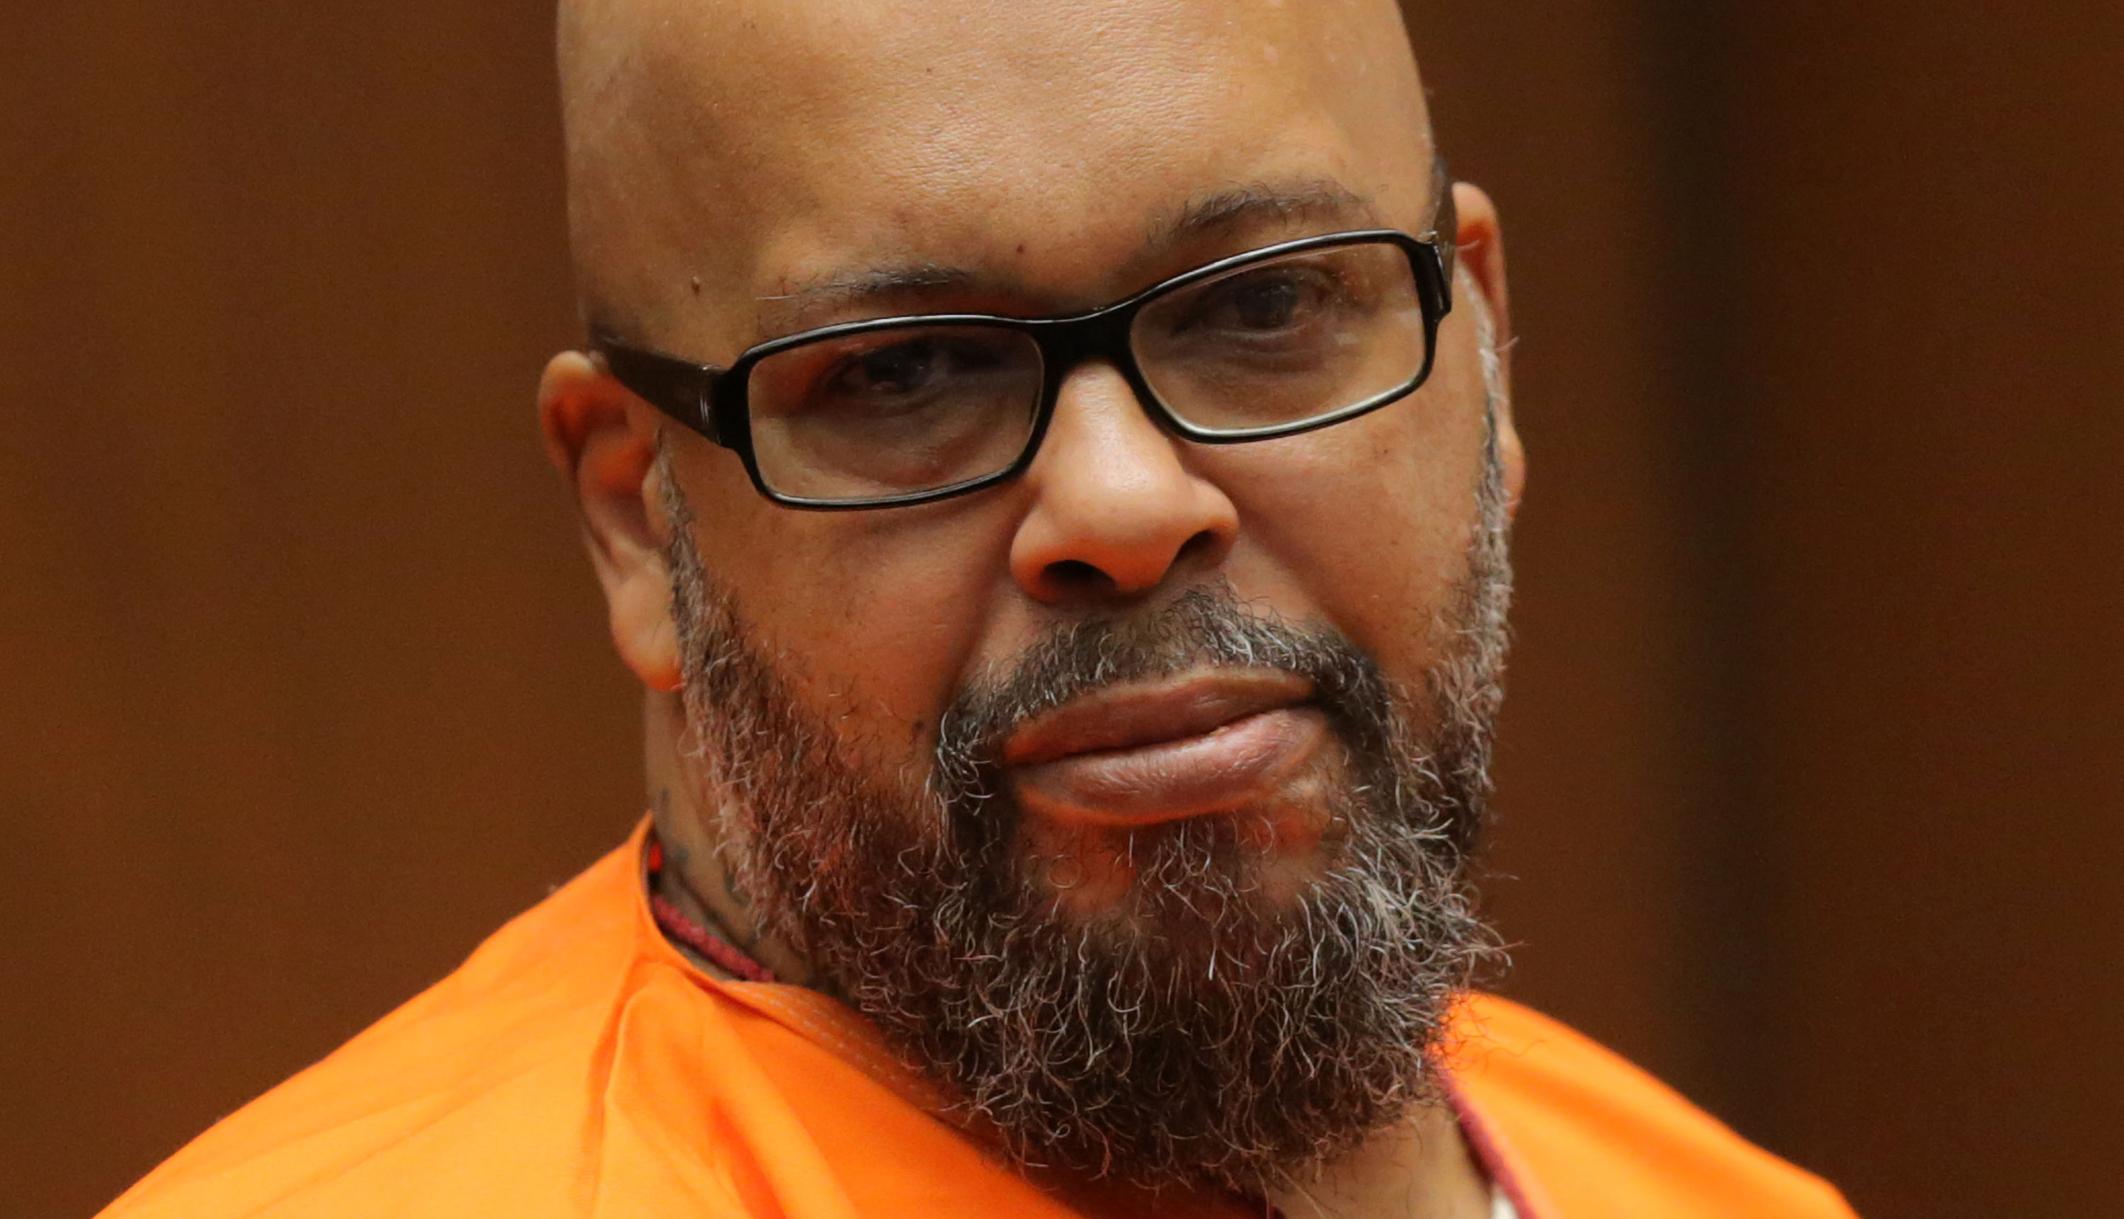 Suge Knight osuđen na 28 godina zatvora zbog smrtonosnog udarca, nazvan 'Sramota za ljudsku vrstu'